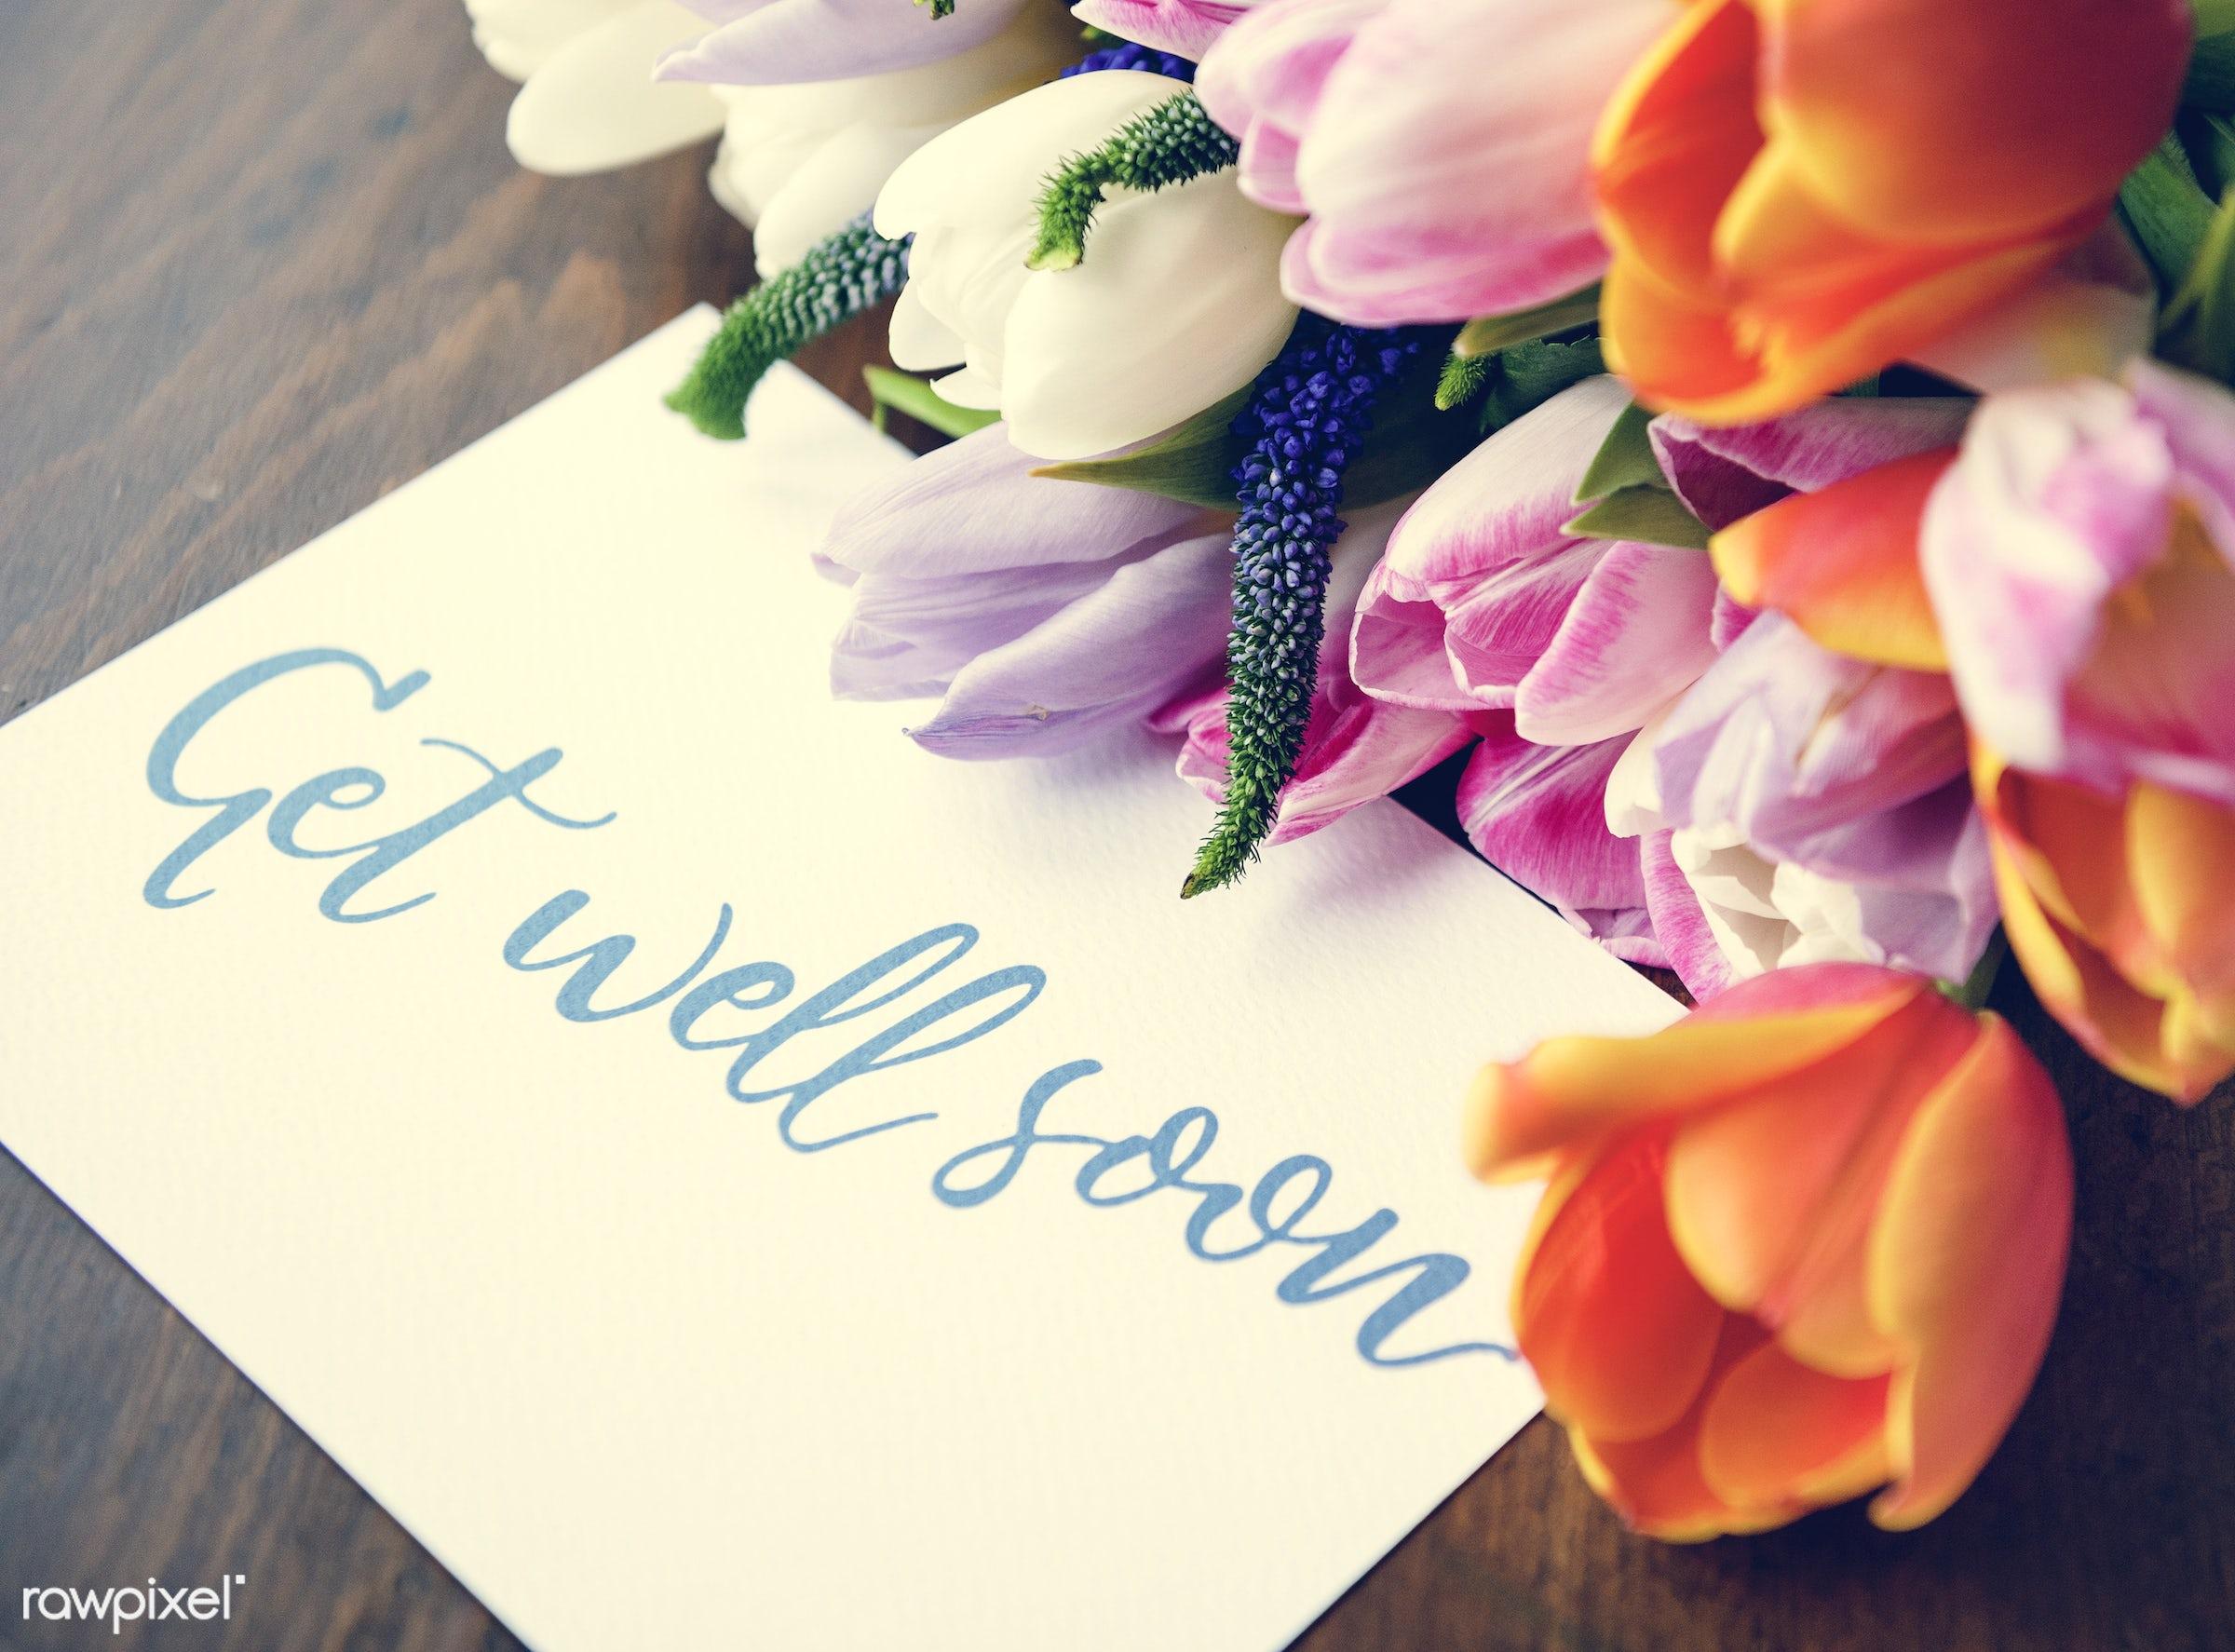 bouquet, paper, well, blossom, balance, fresh, wellness, get well, card, medicine, flower, note, text, get, greeting, health...